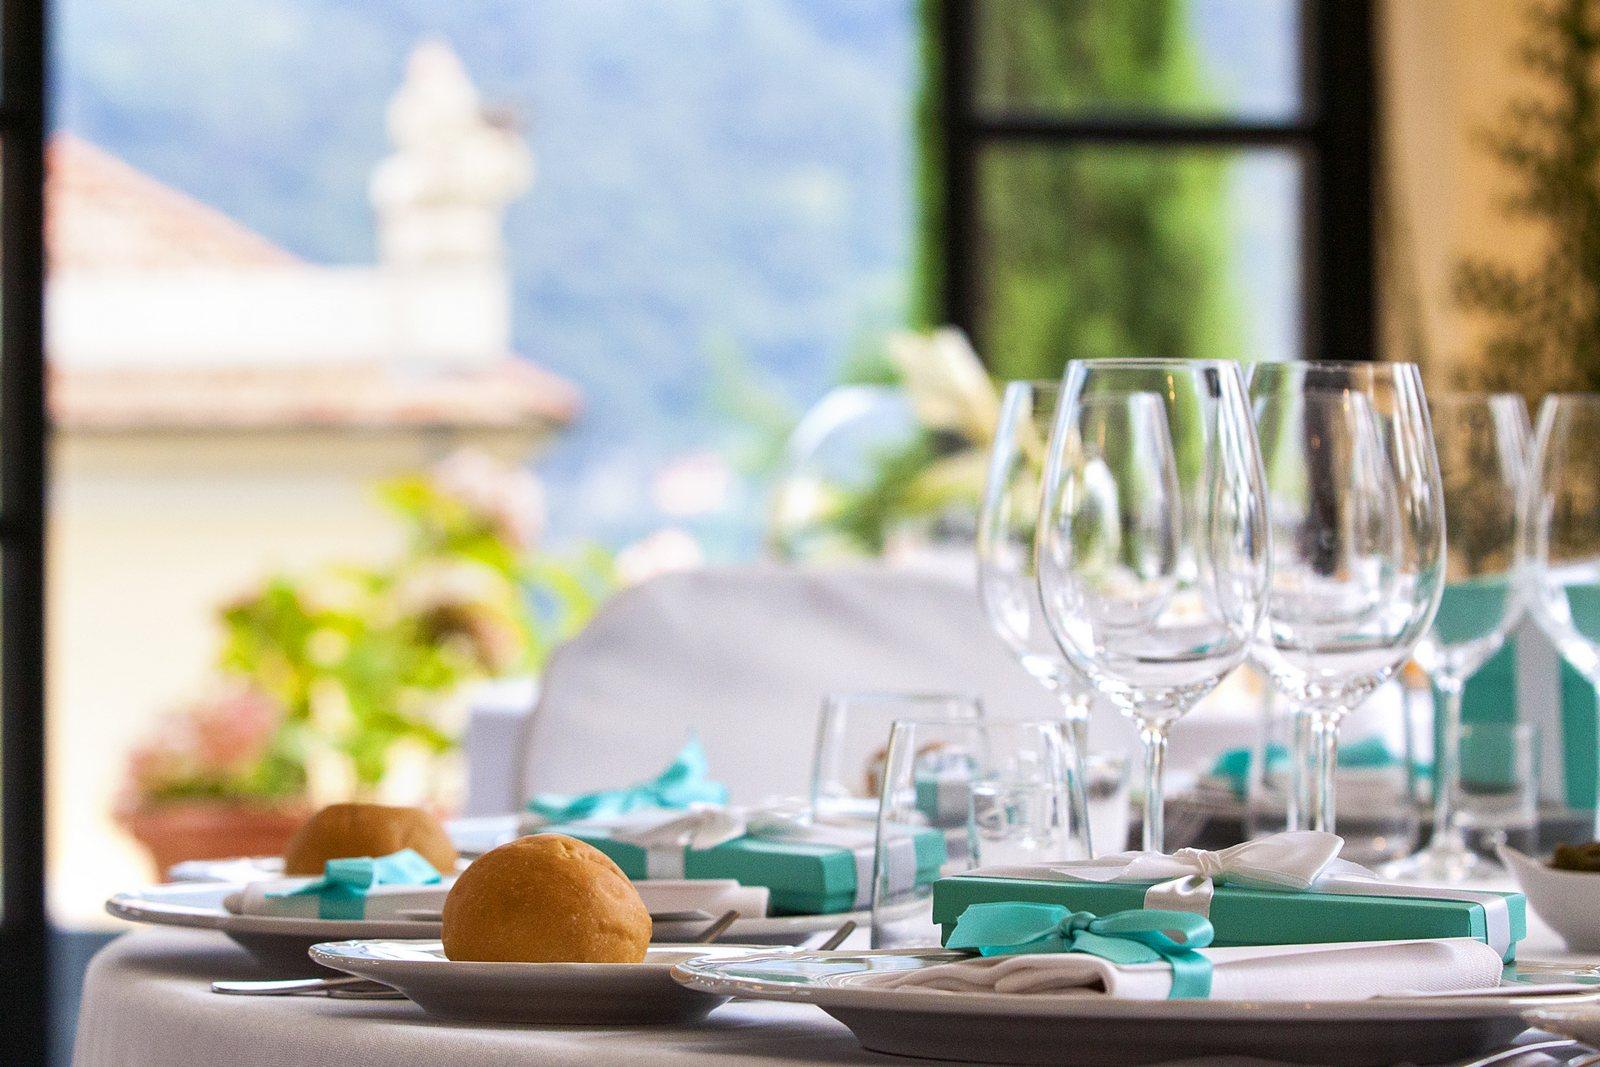 tiffany wedding souvenirs in villa balbianello